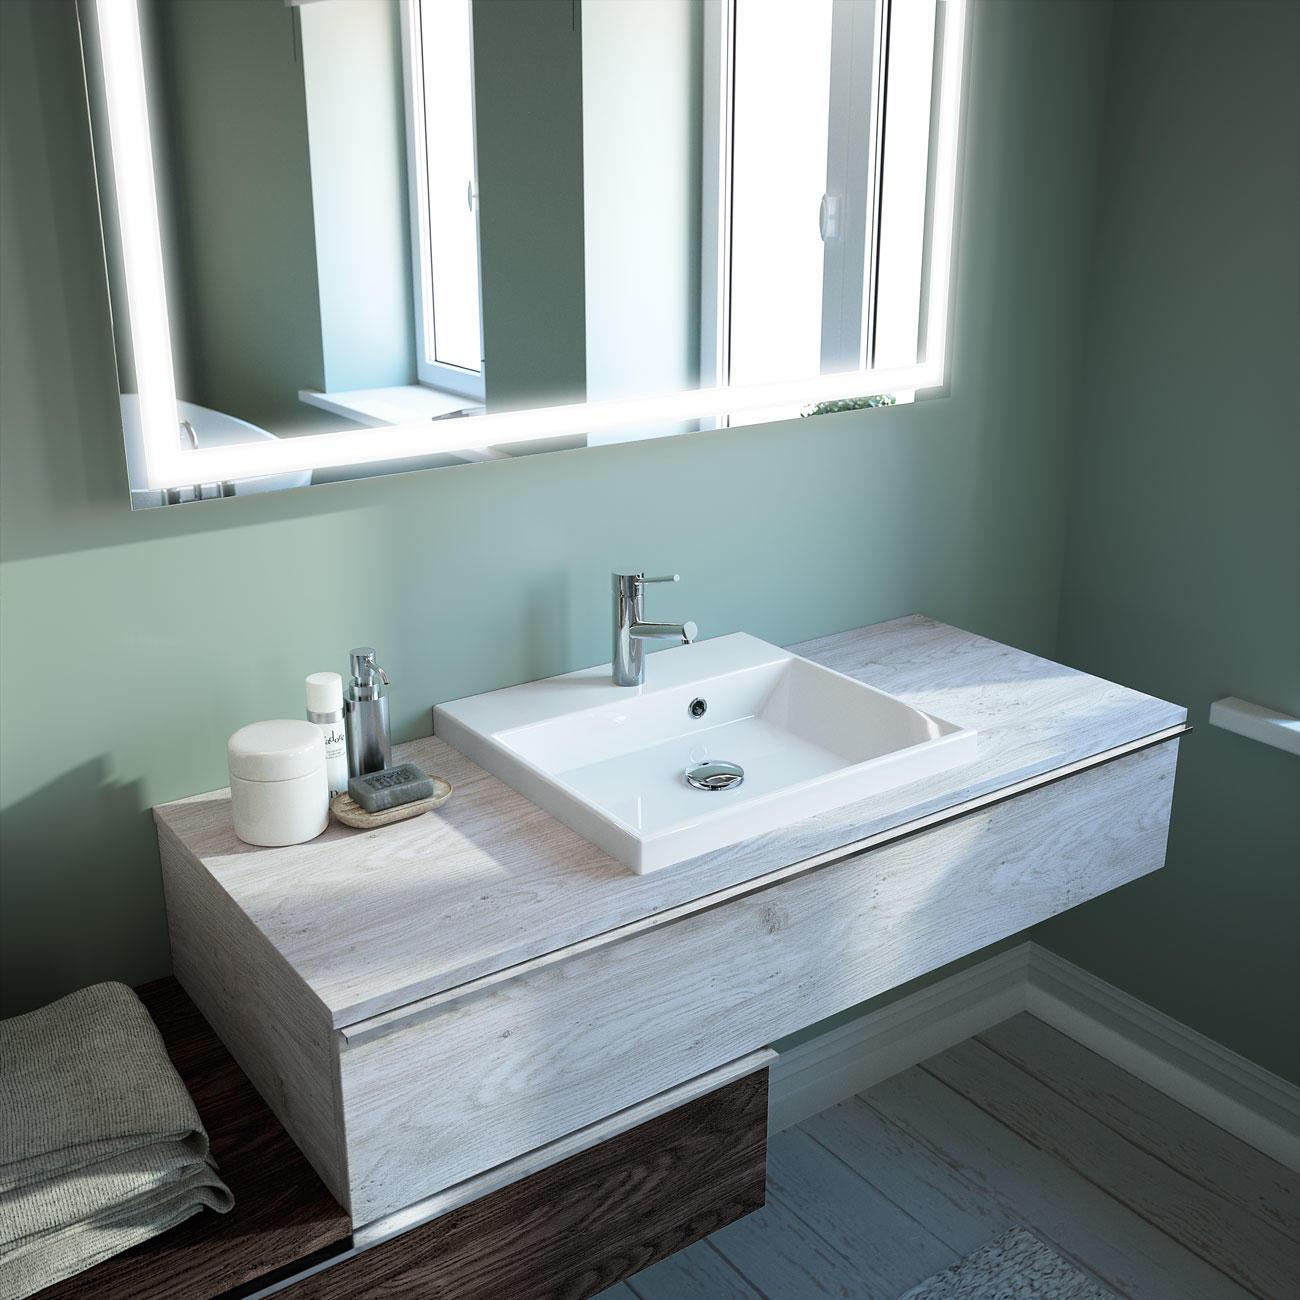 Plan De Toilette Salle De Bain plan de toilette fin + vasque | meubles de salle de bains